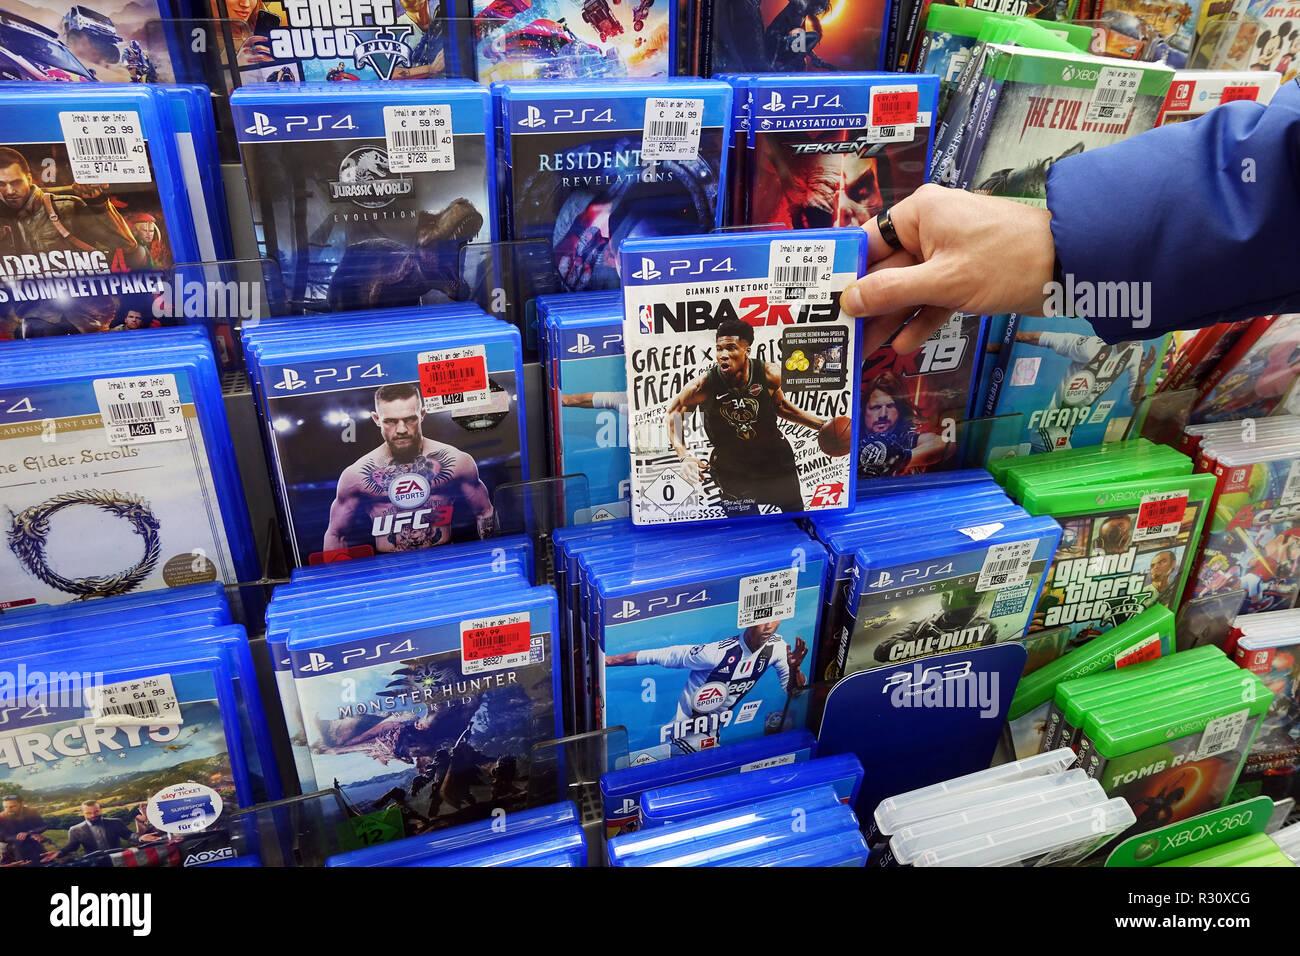 Affichage magasin rempli de PlayStation 4 jeux pour une console de jeux vidéo. Photo Stock